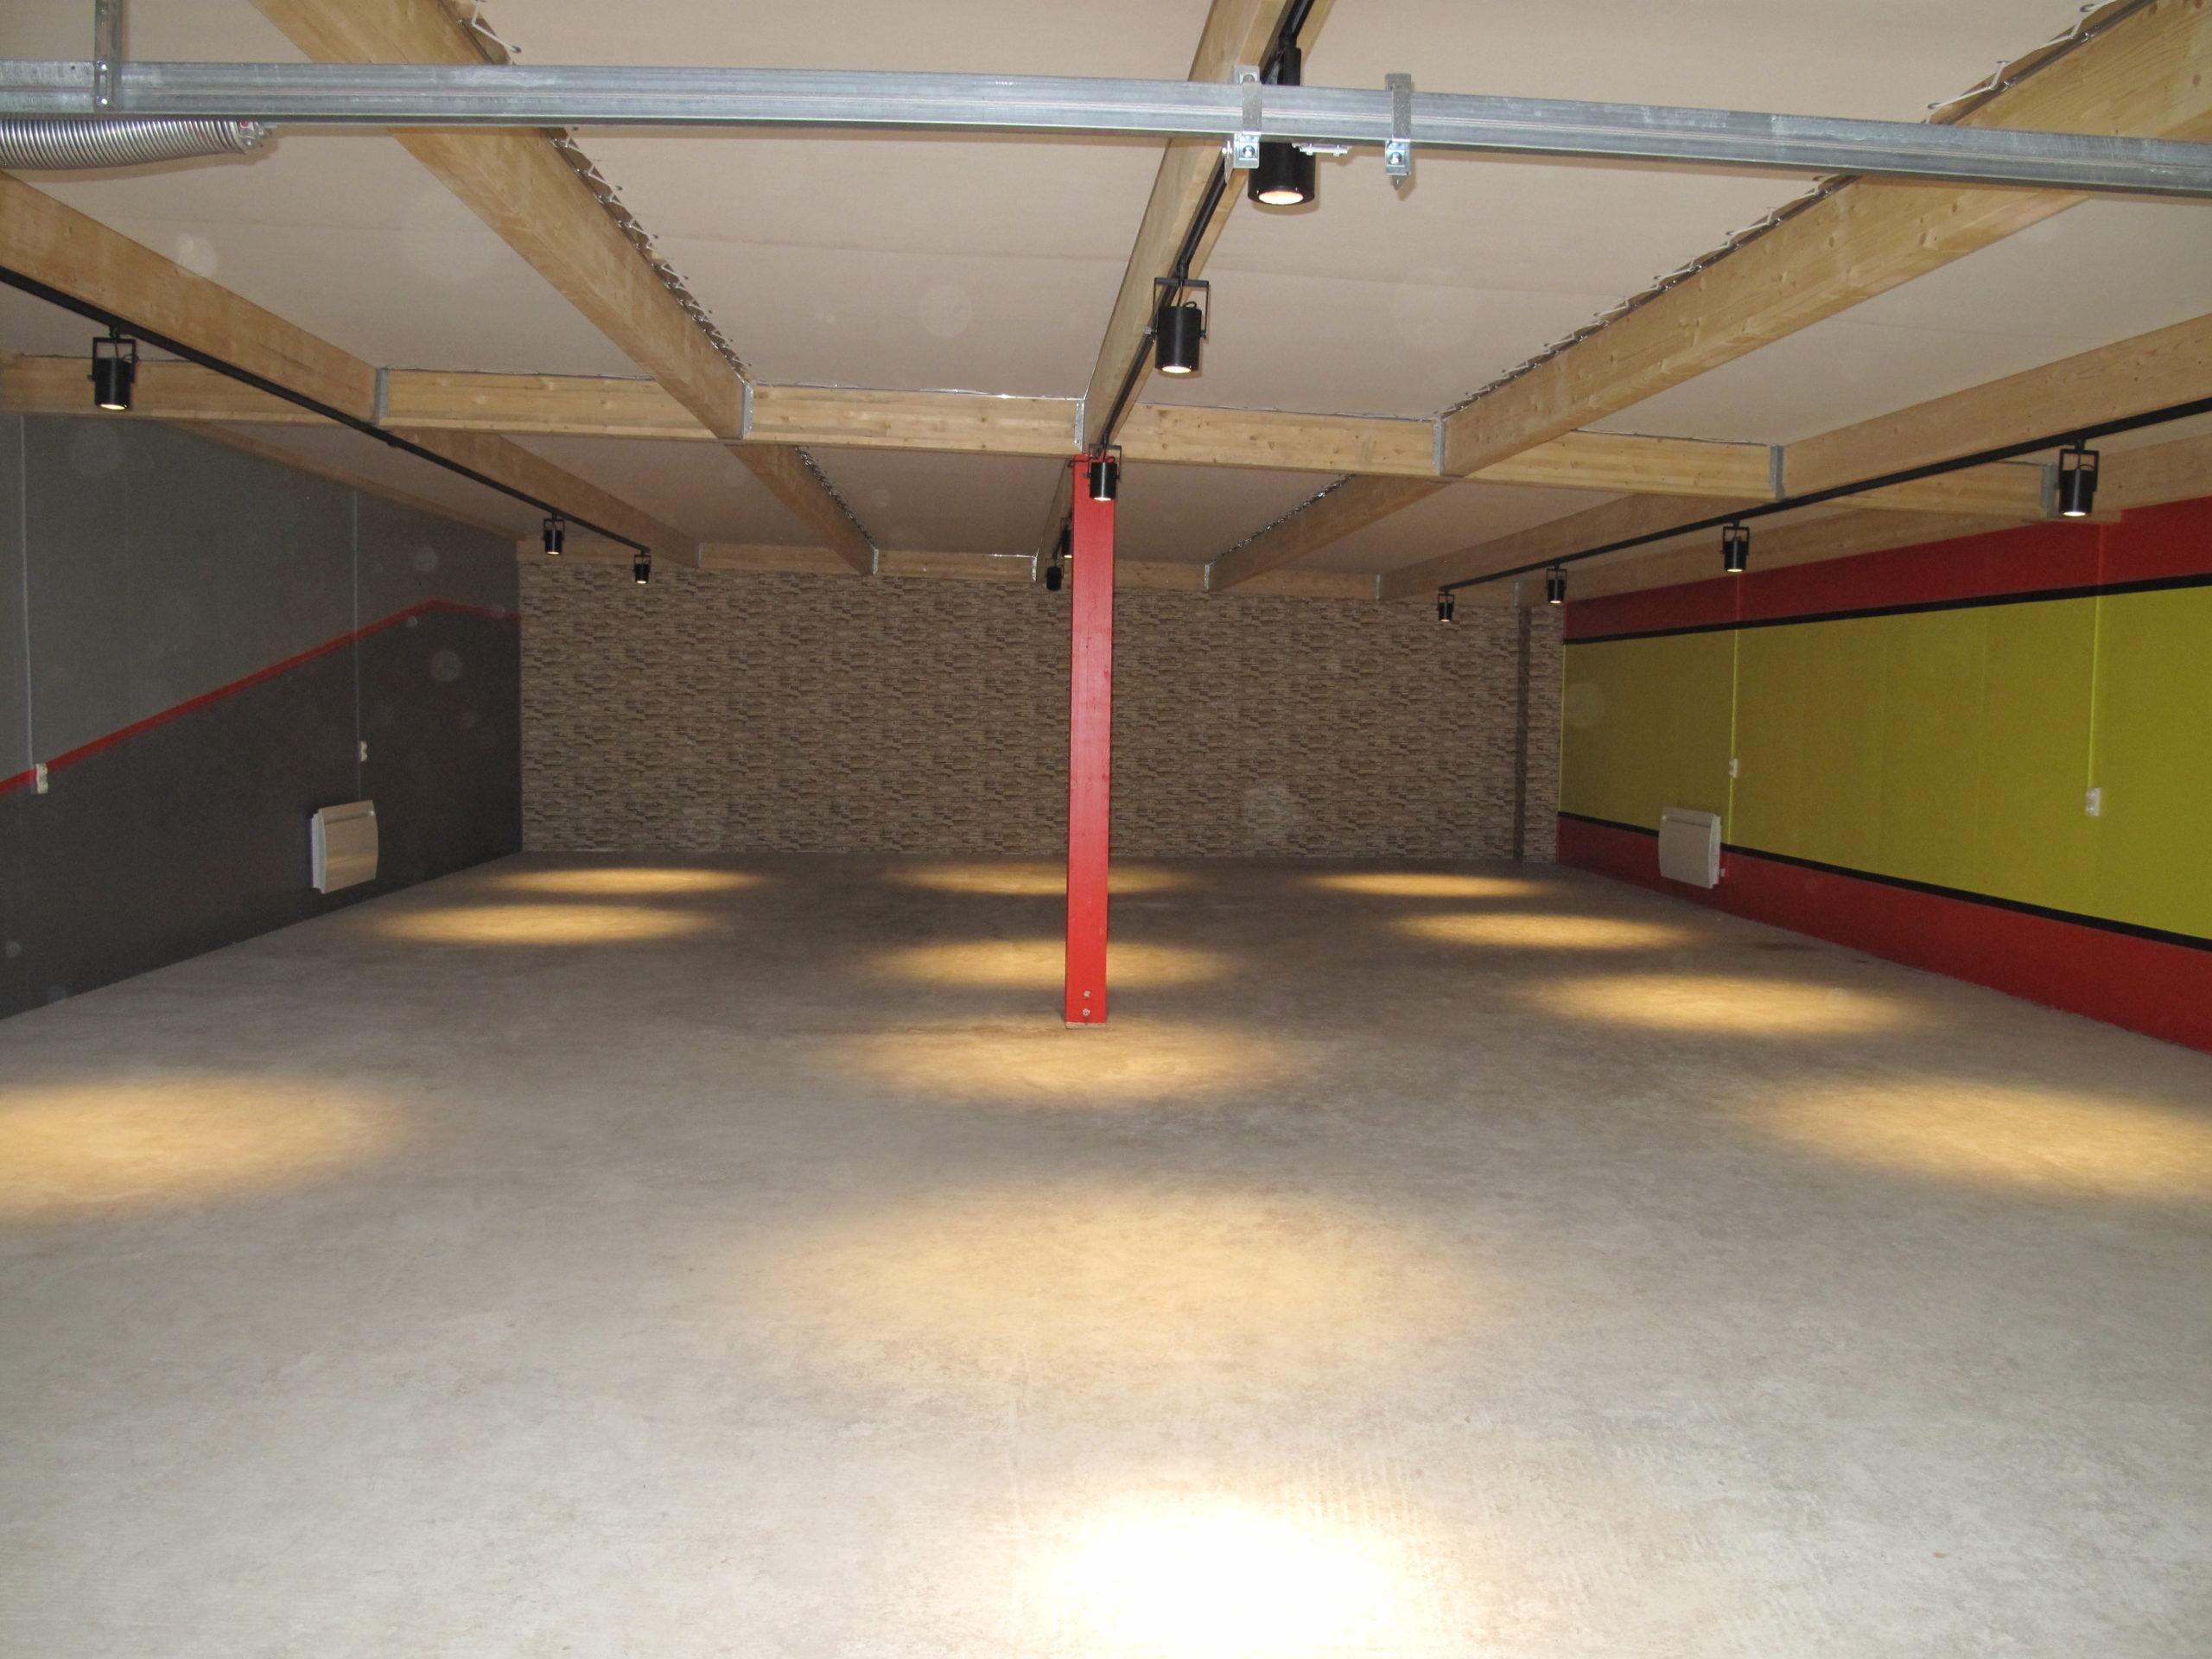 garage 12 places avant pose dalles Polydal